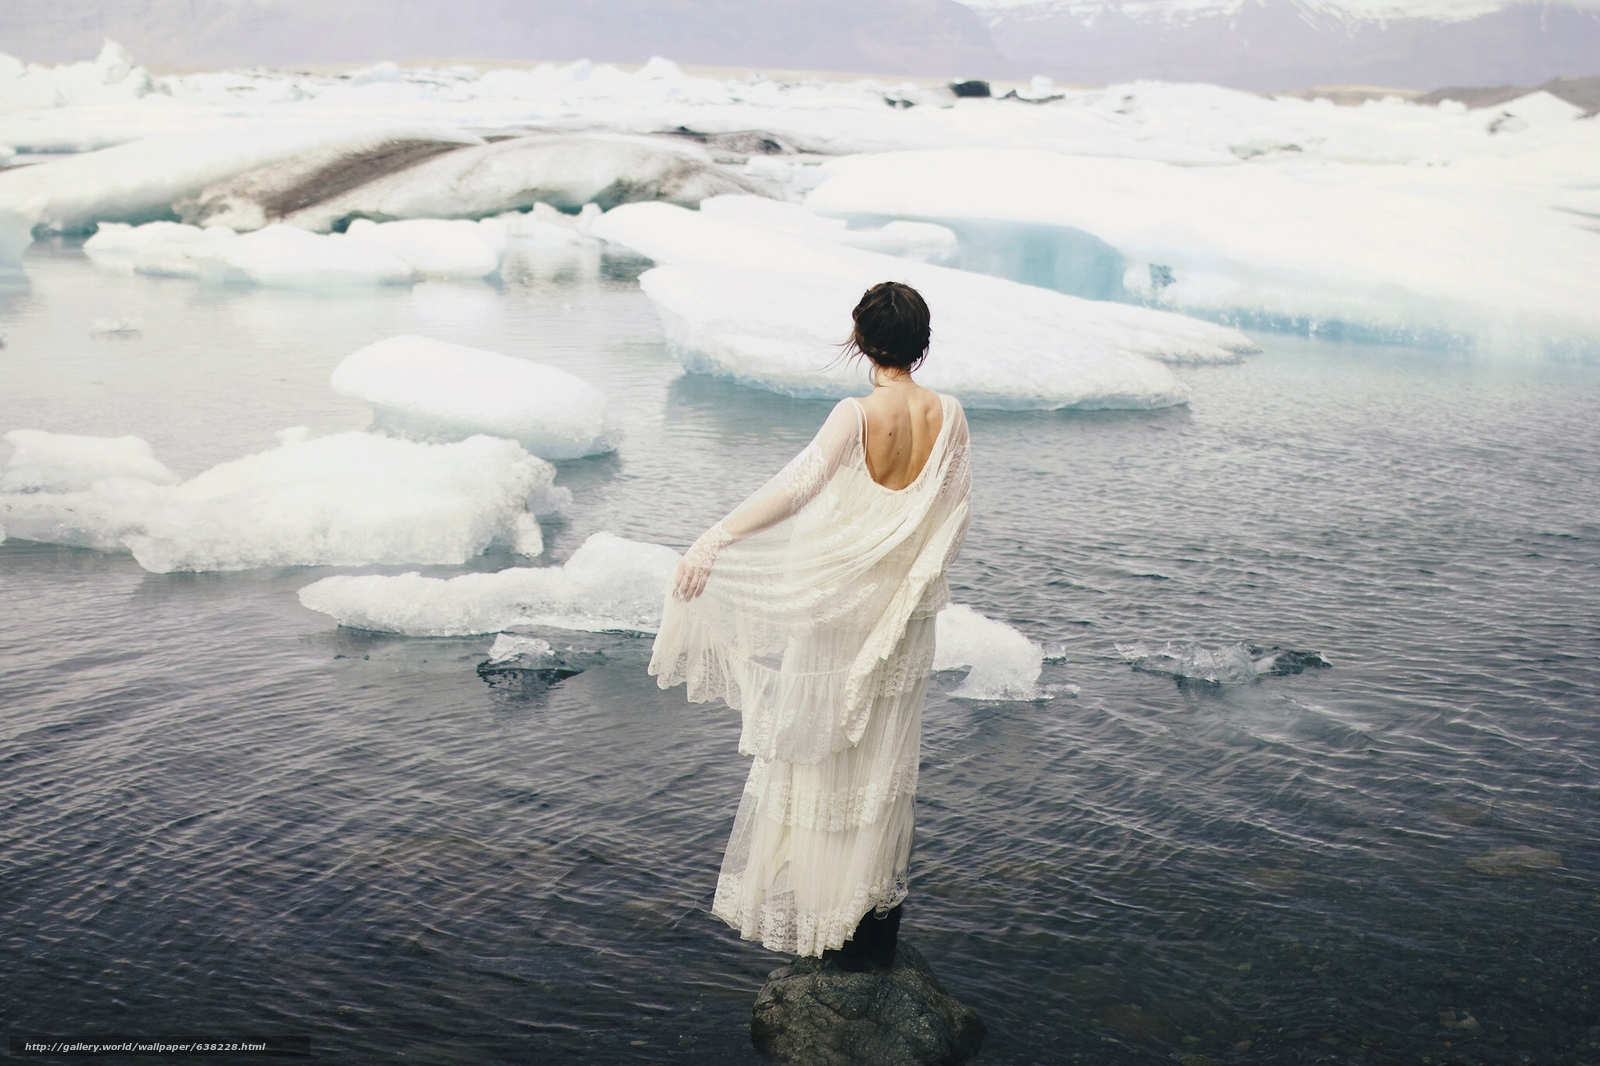 Скачать обои девушка,  платье,  льды,  море бесплатно для рабочего стола в разрешении 2048x1365 — картинка №638228